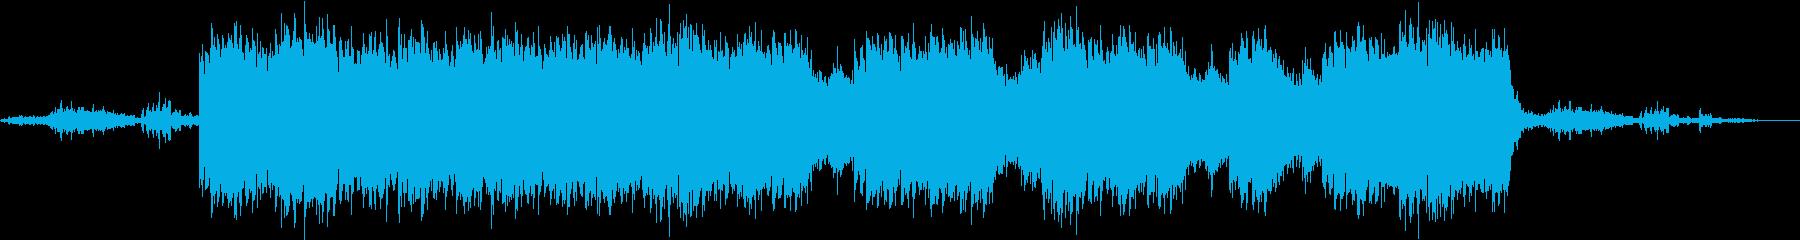 不気味な海底のサスペンスBGM(劇伴)の再生済みの波形